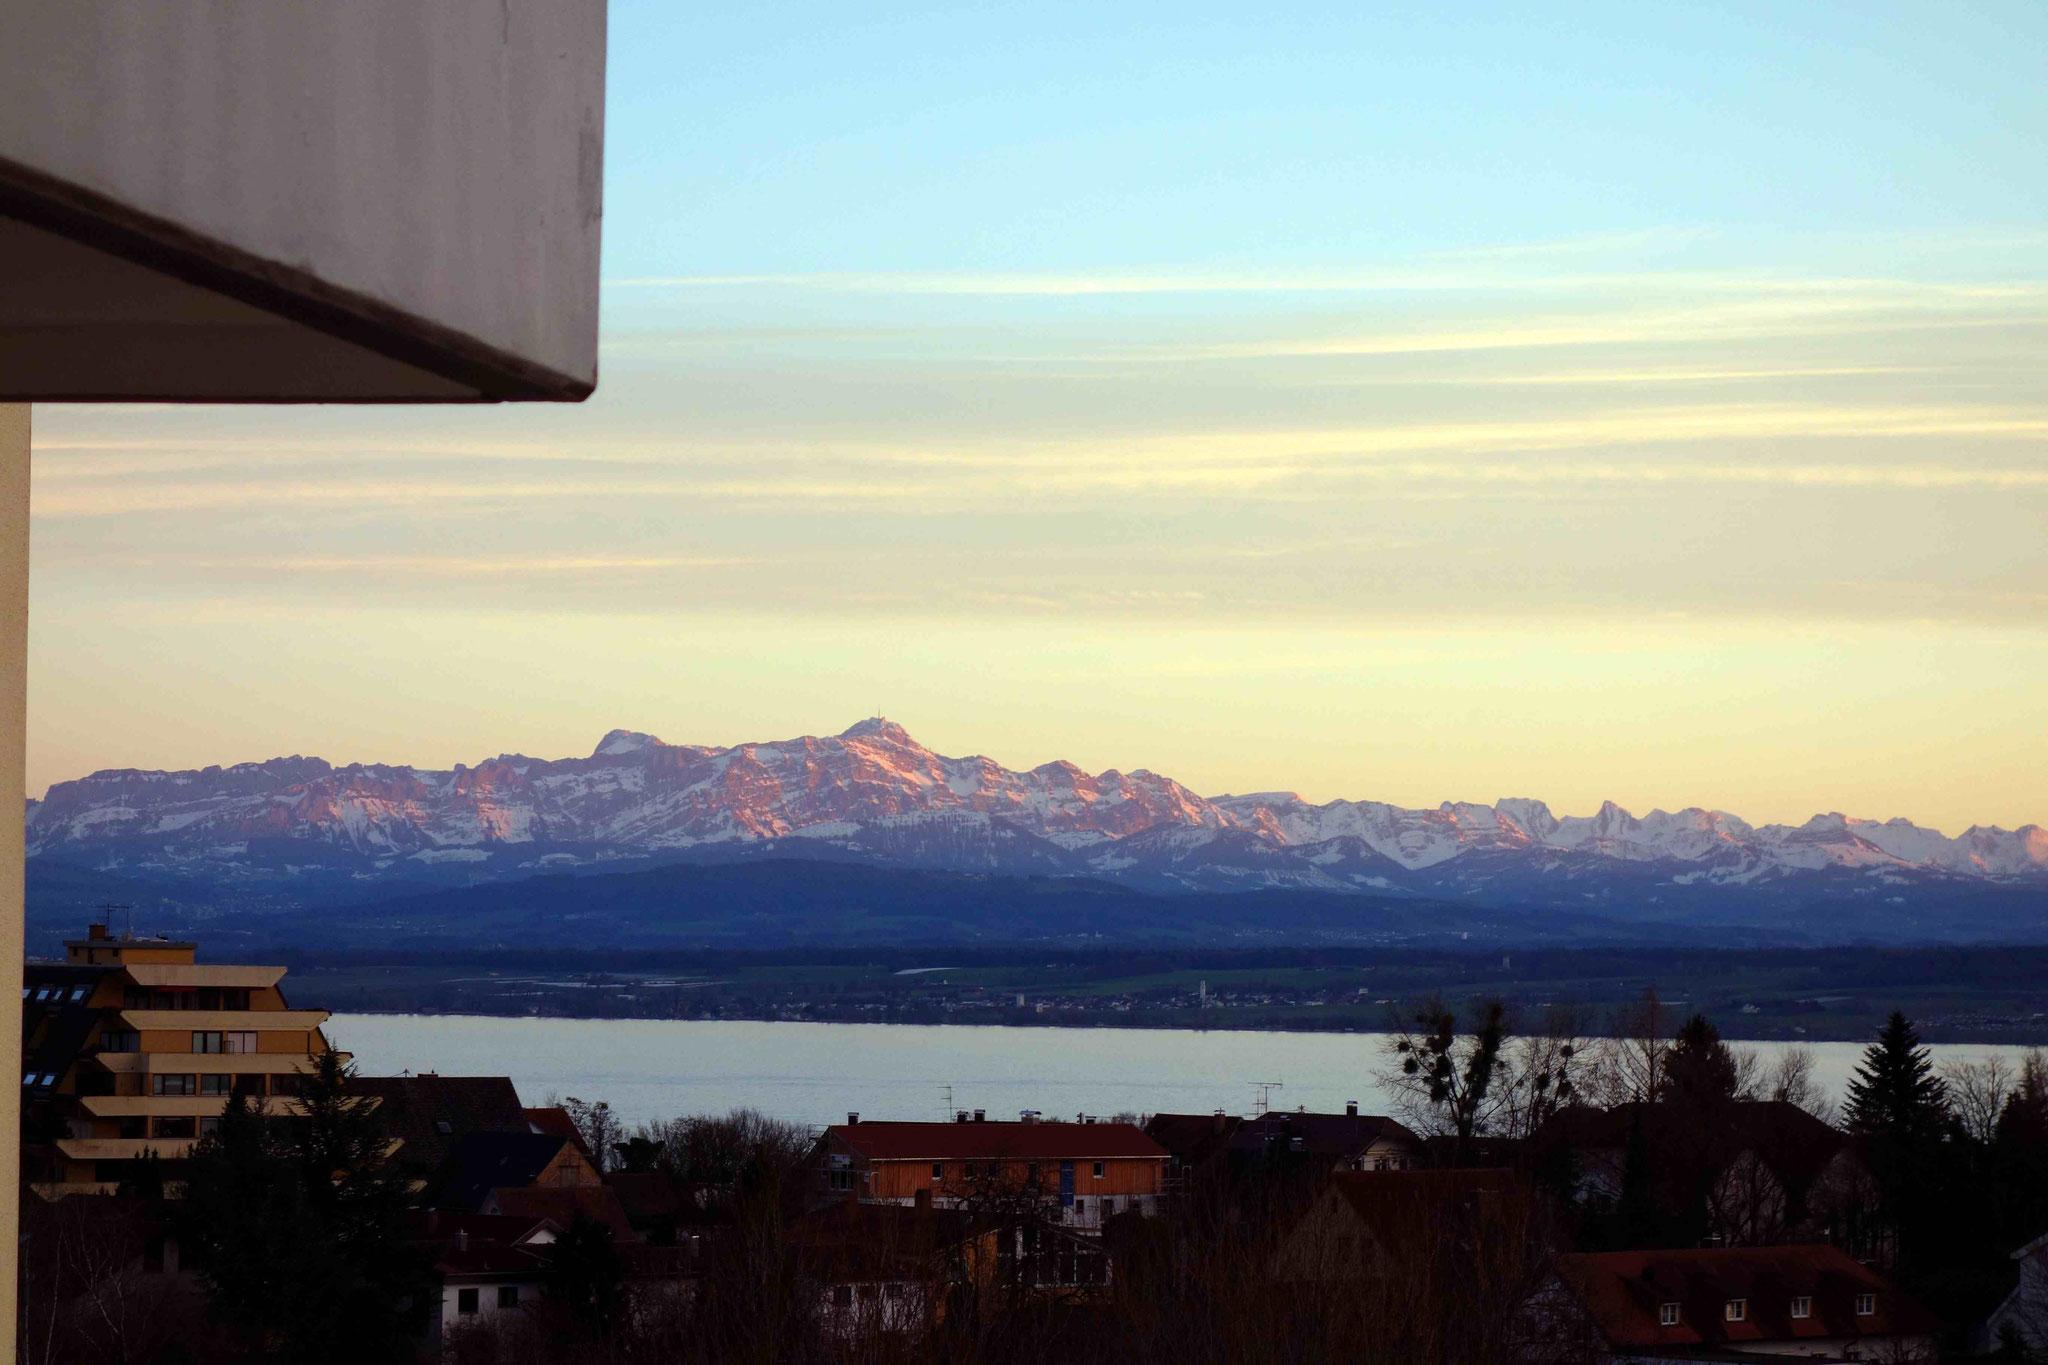 Blick auf den See und die Alpen